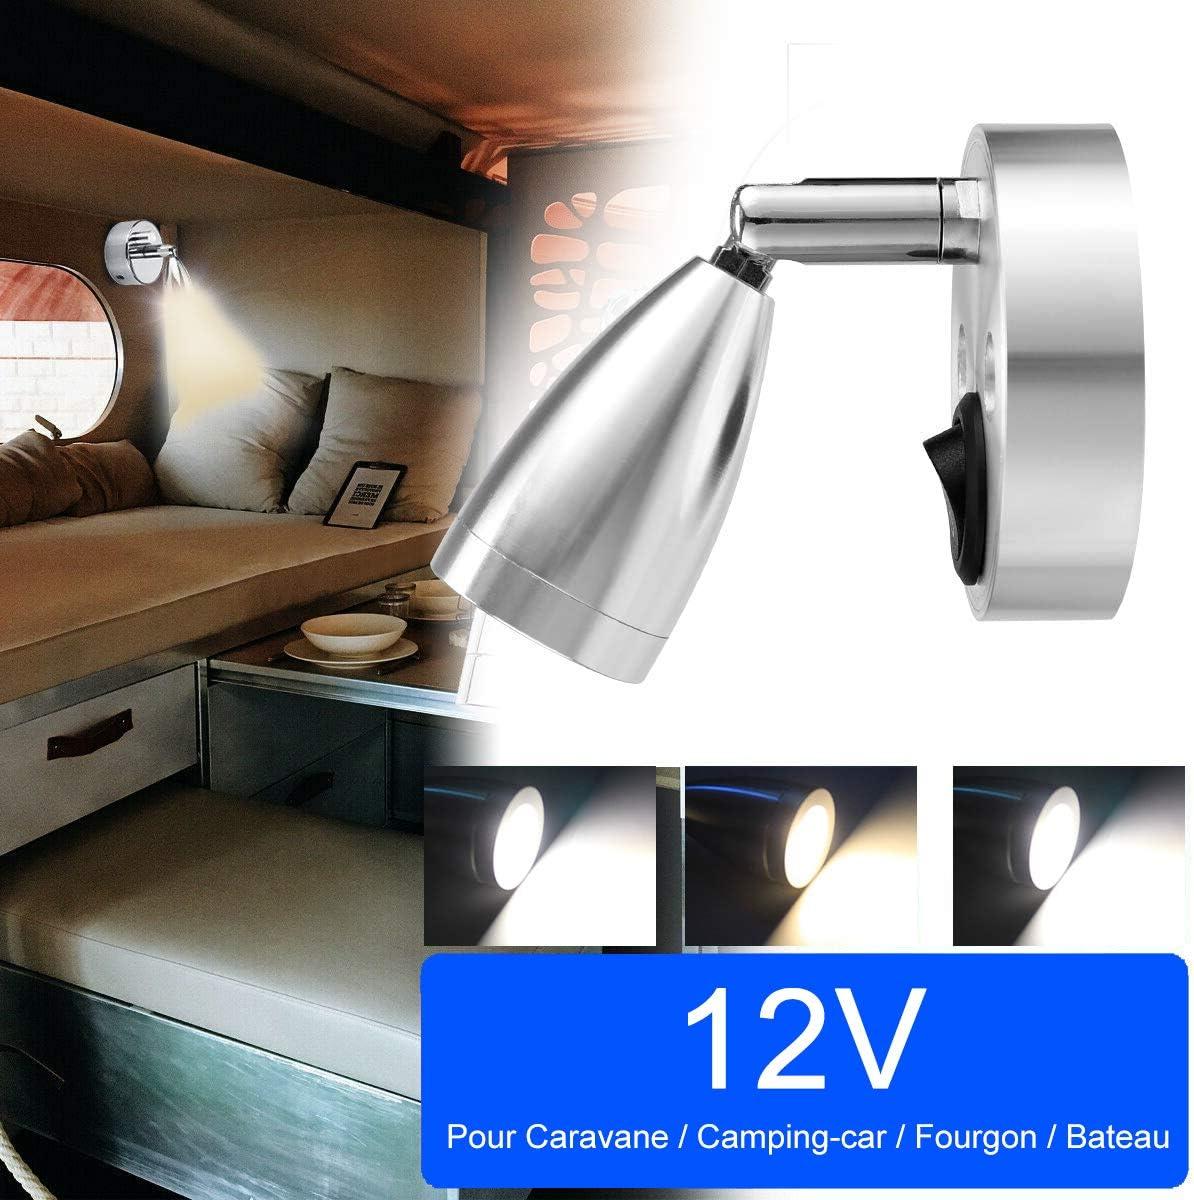 2 PCS Applique Murale de Lecture 180/° R/églable avec Interrupteur pour Camping Car Van Bateau Led Lumi/ère Int/érieure 3W 12V LED Lampe de Lecture pour RV